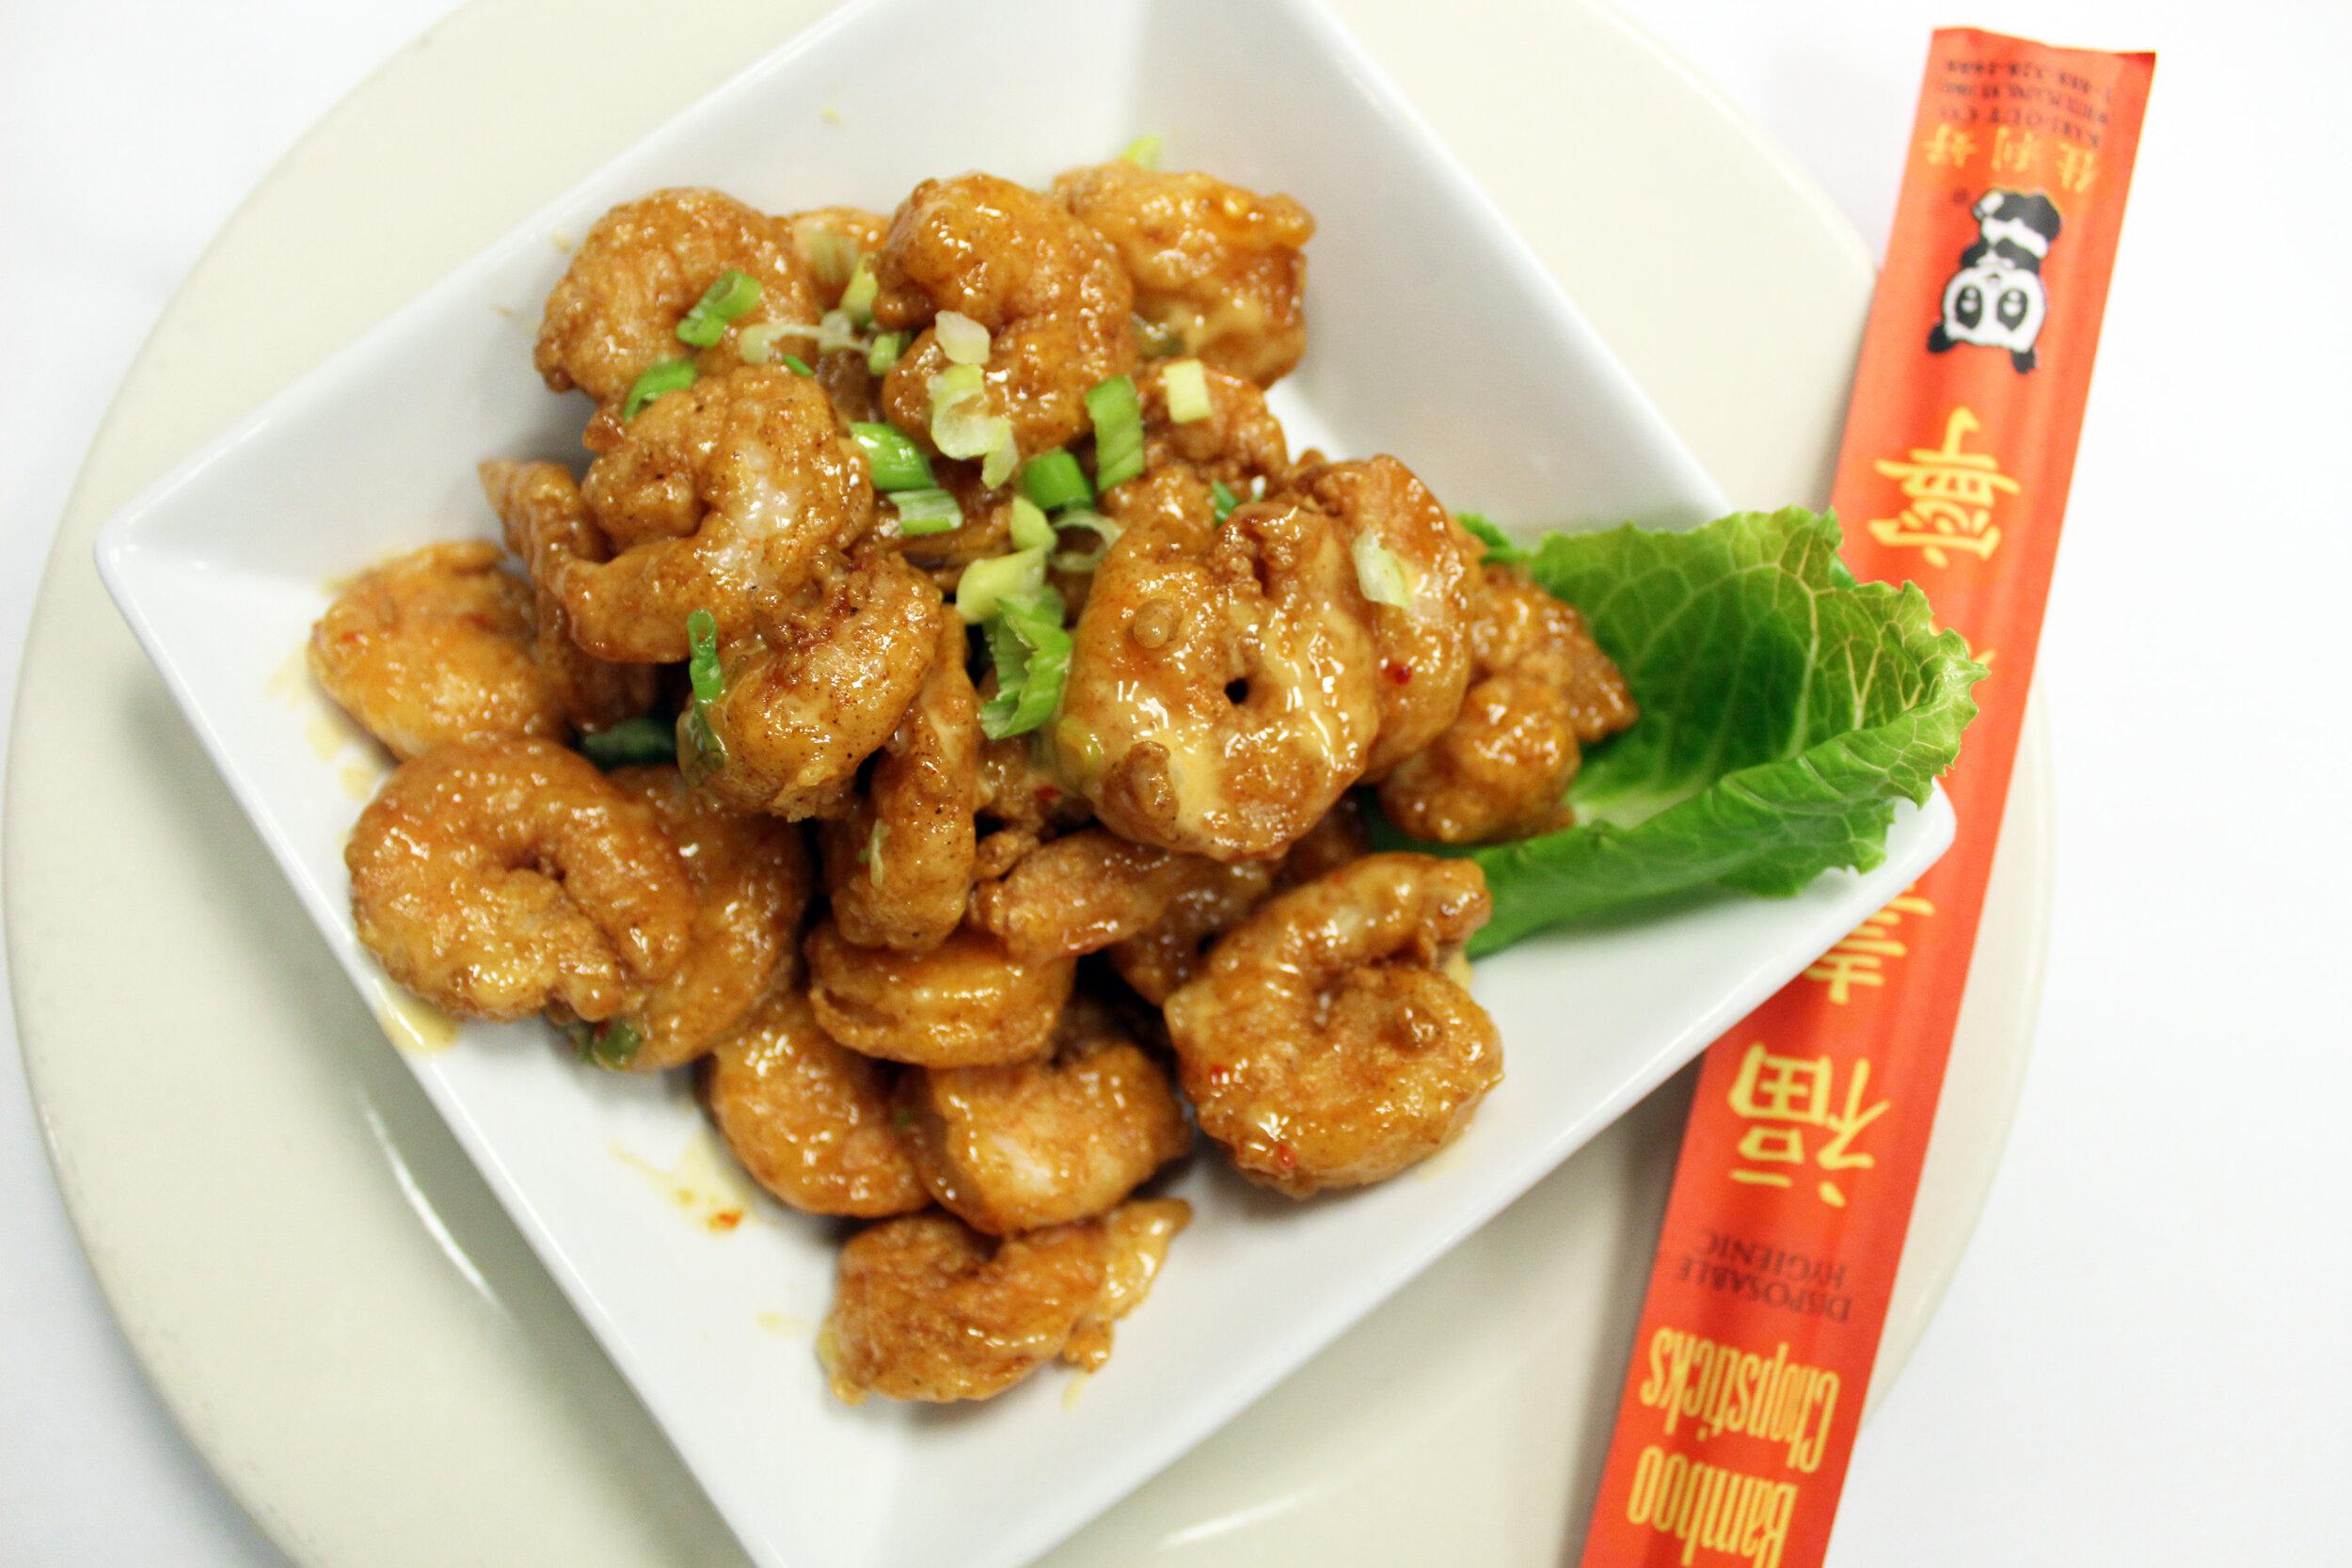 GW Chili Shrimp 2.jpg